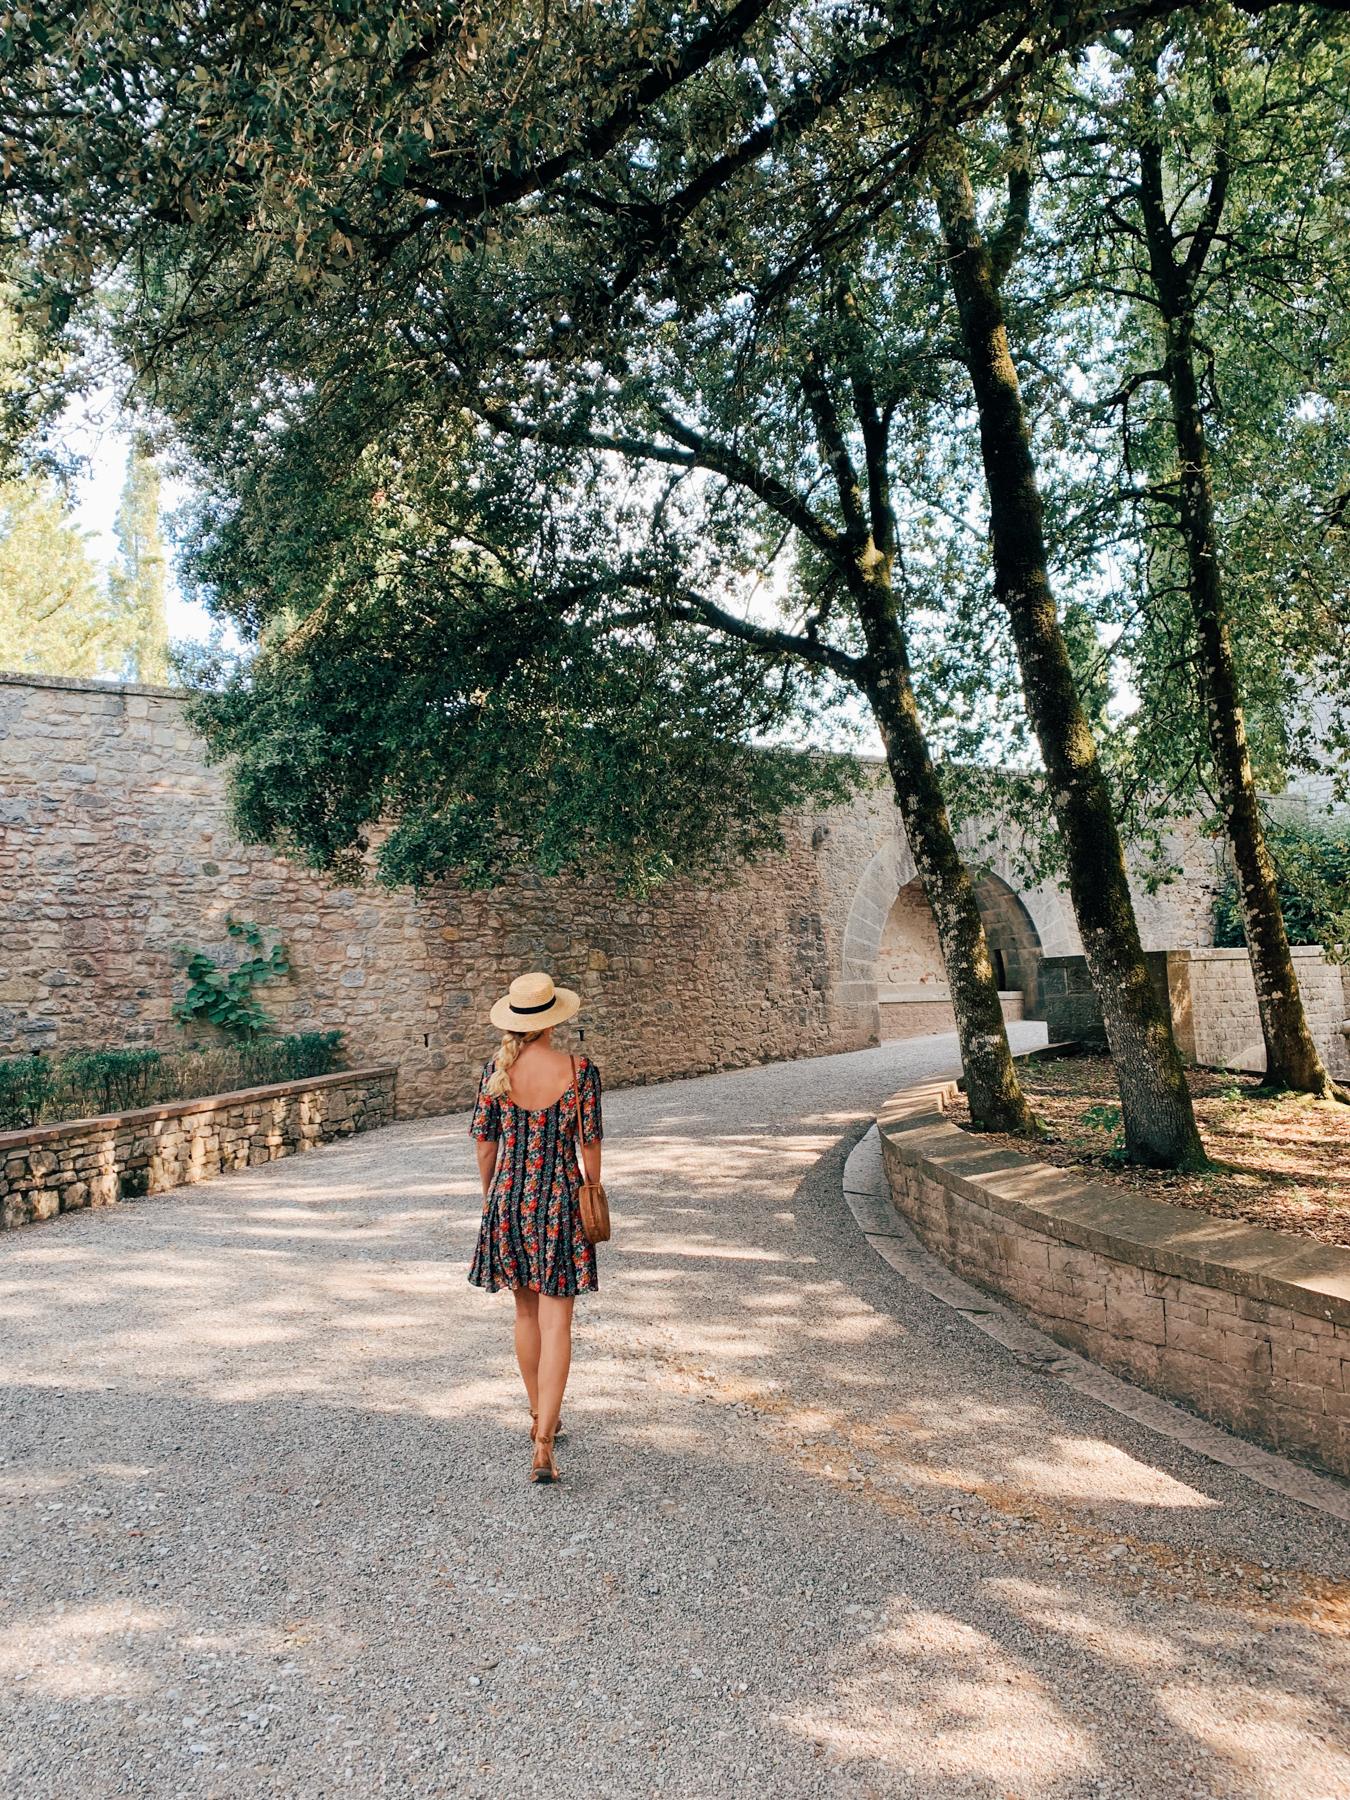 Walking into Castello di Brolio.